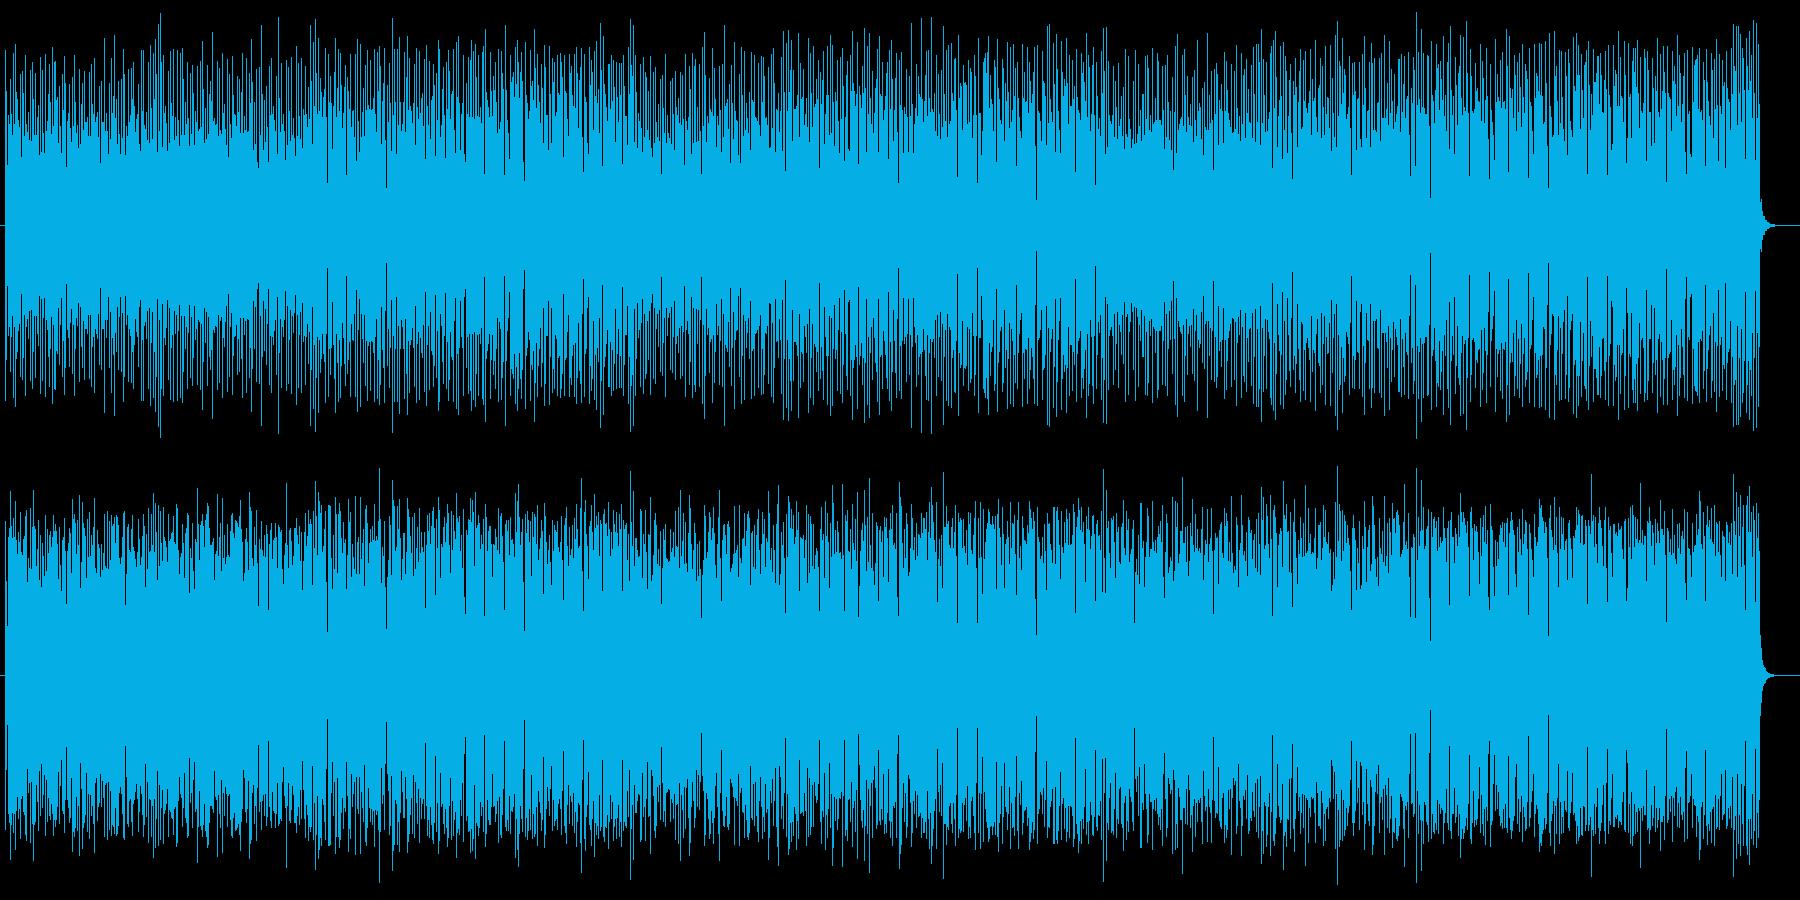 南の島が自然と思い浮かぶ軽快な曲の再生済みの波形